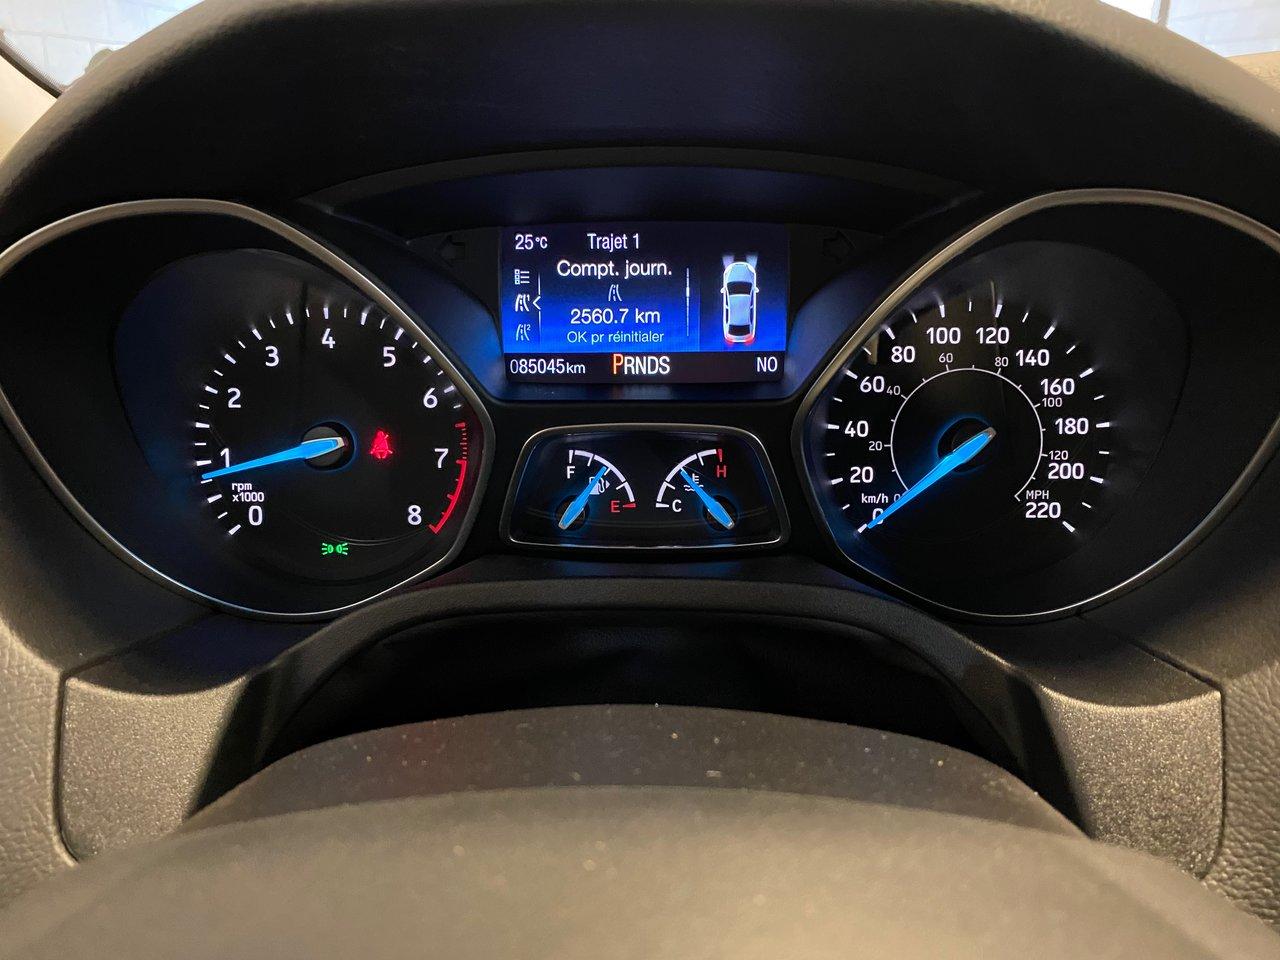 2016 Ford Focus SE HATCHBACK JAMAIS ACCIDENTE AVEC WINTER PACK